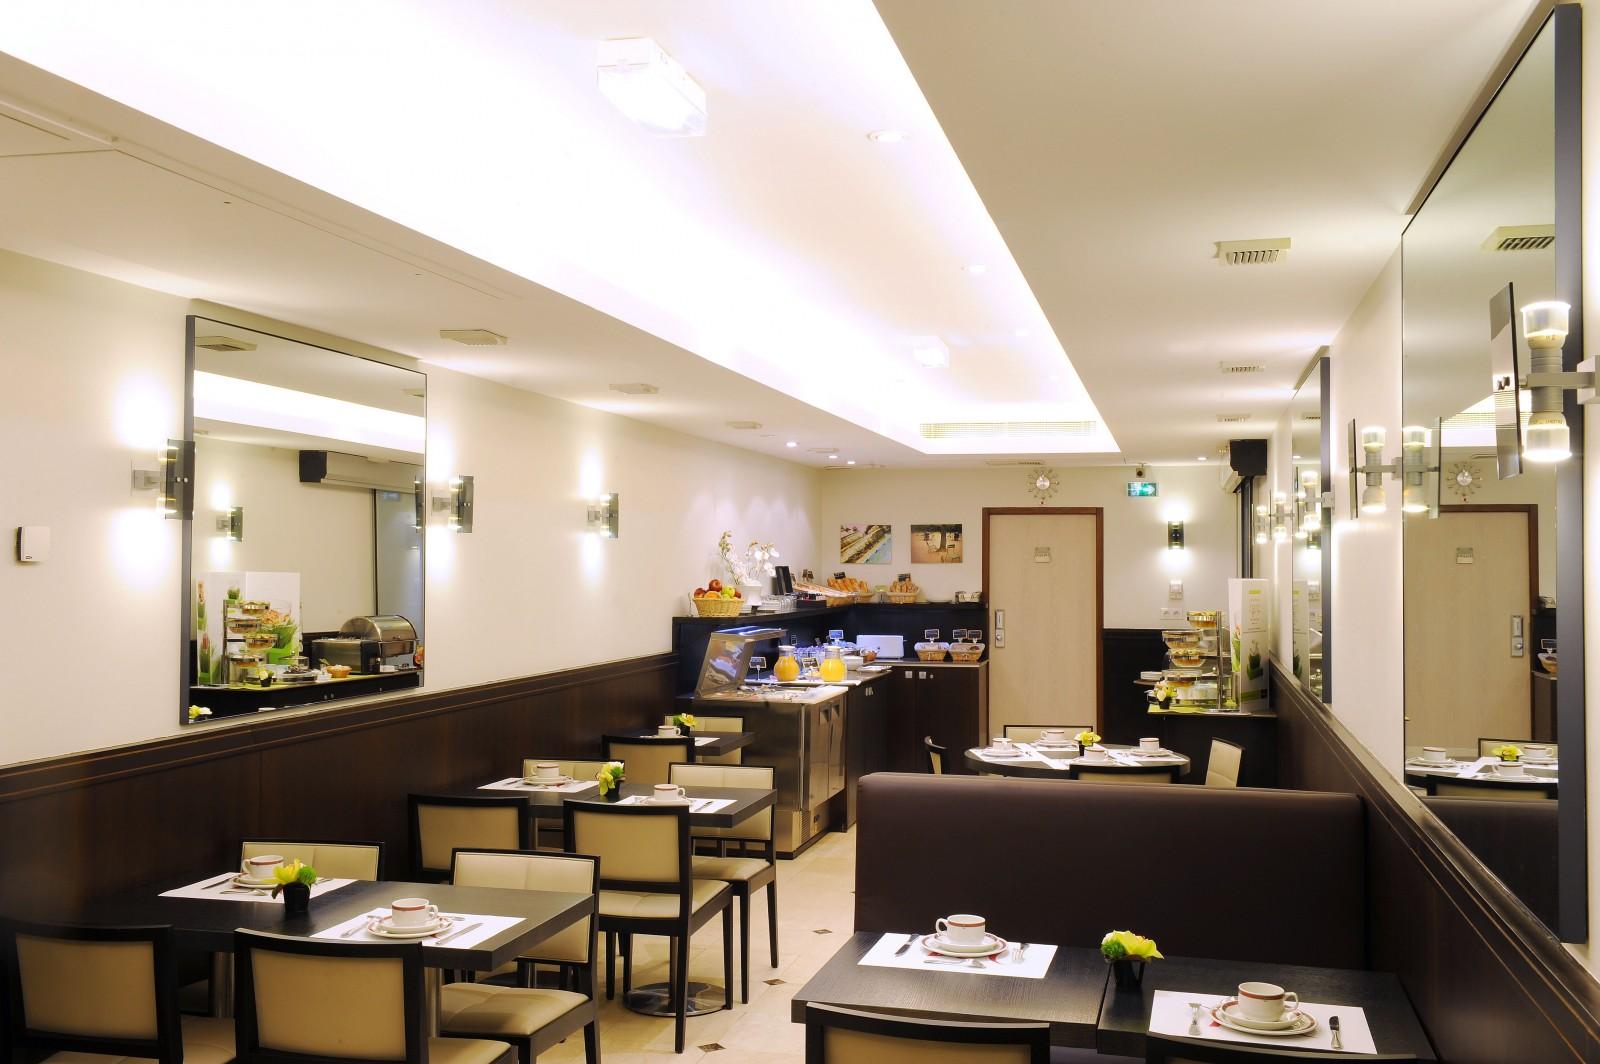 Hotel mercure la sorbonne hotel paris la sorbonne for Hotel sorbonne paris